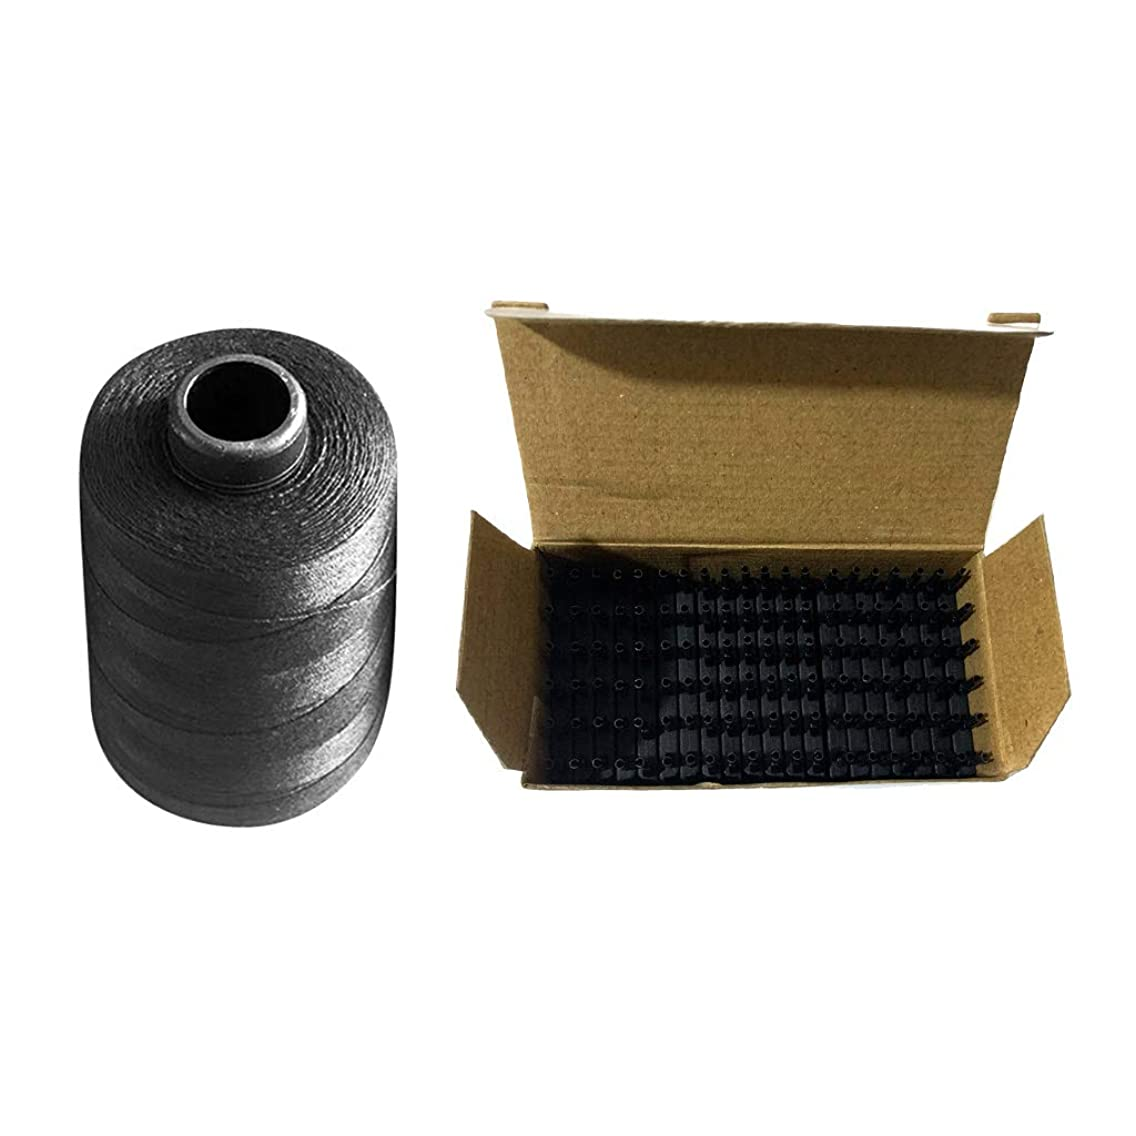 警戒スケジュールプレビューSM SunniMix ナイロン 編む糸 かつらスレッド ヘアエクステンション かつらクリップ